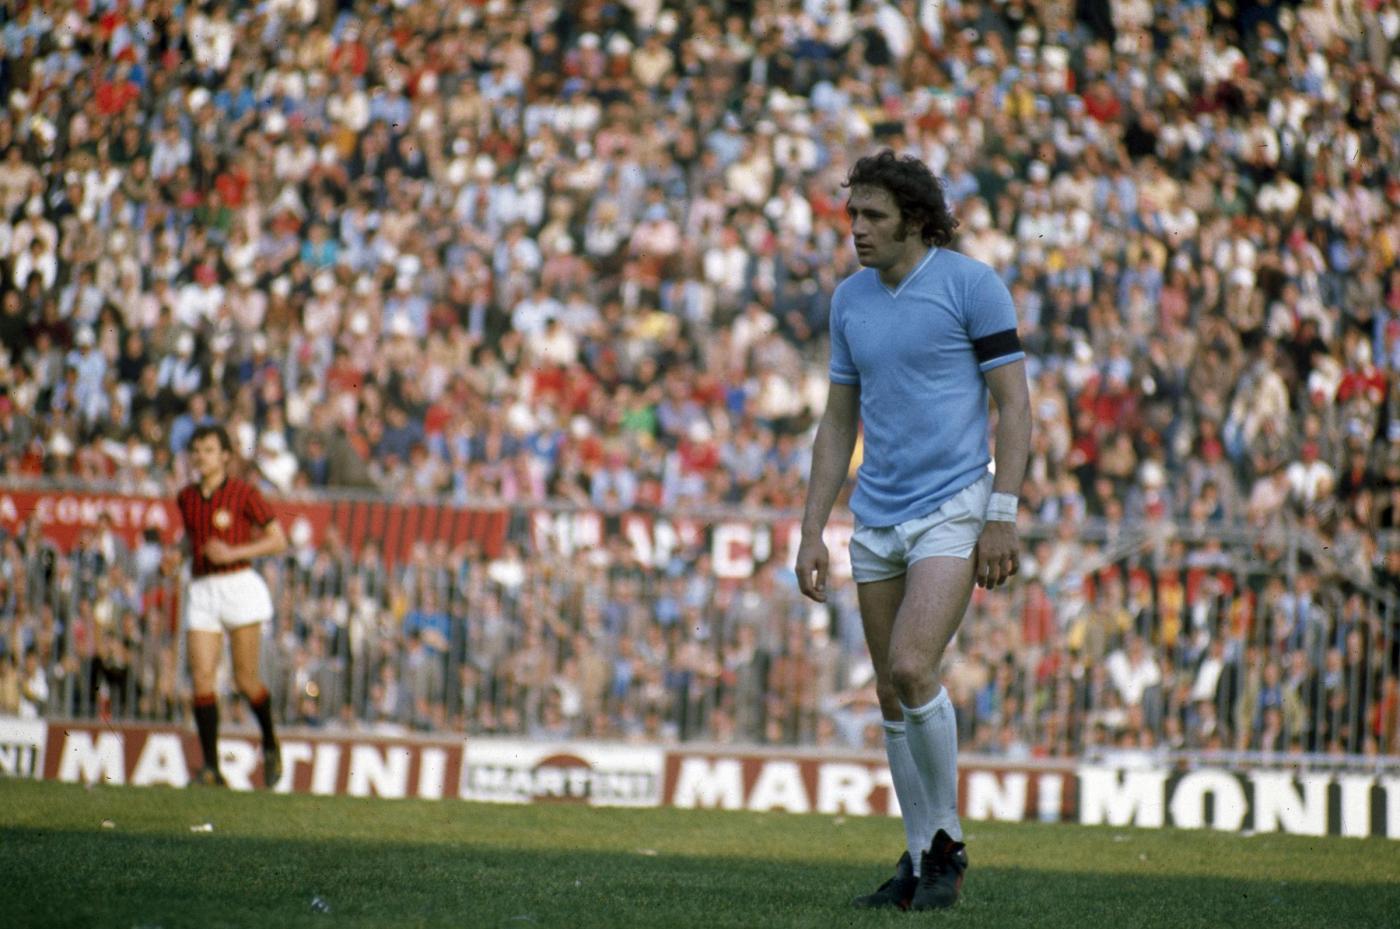 Sfide dedica la quarta puntata a Giorgio Chinaglia e alla Lazio degli anni '70